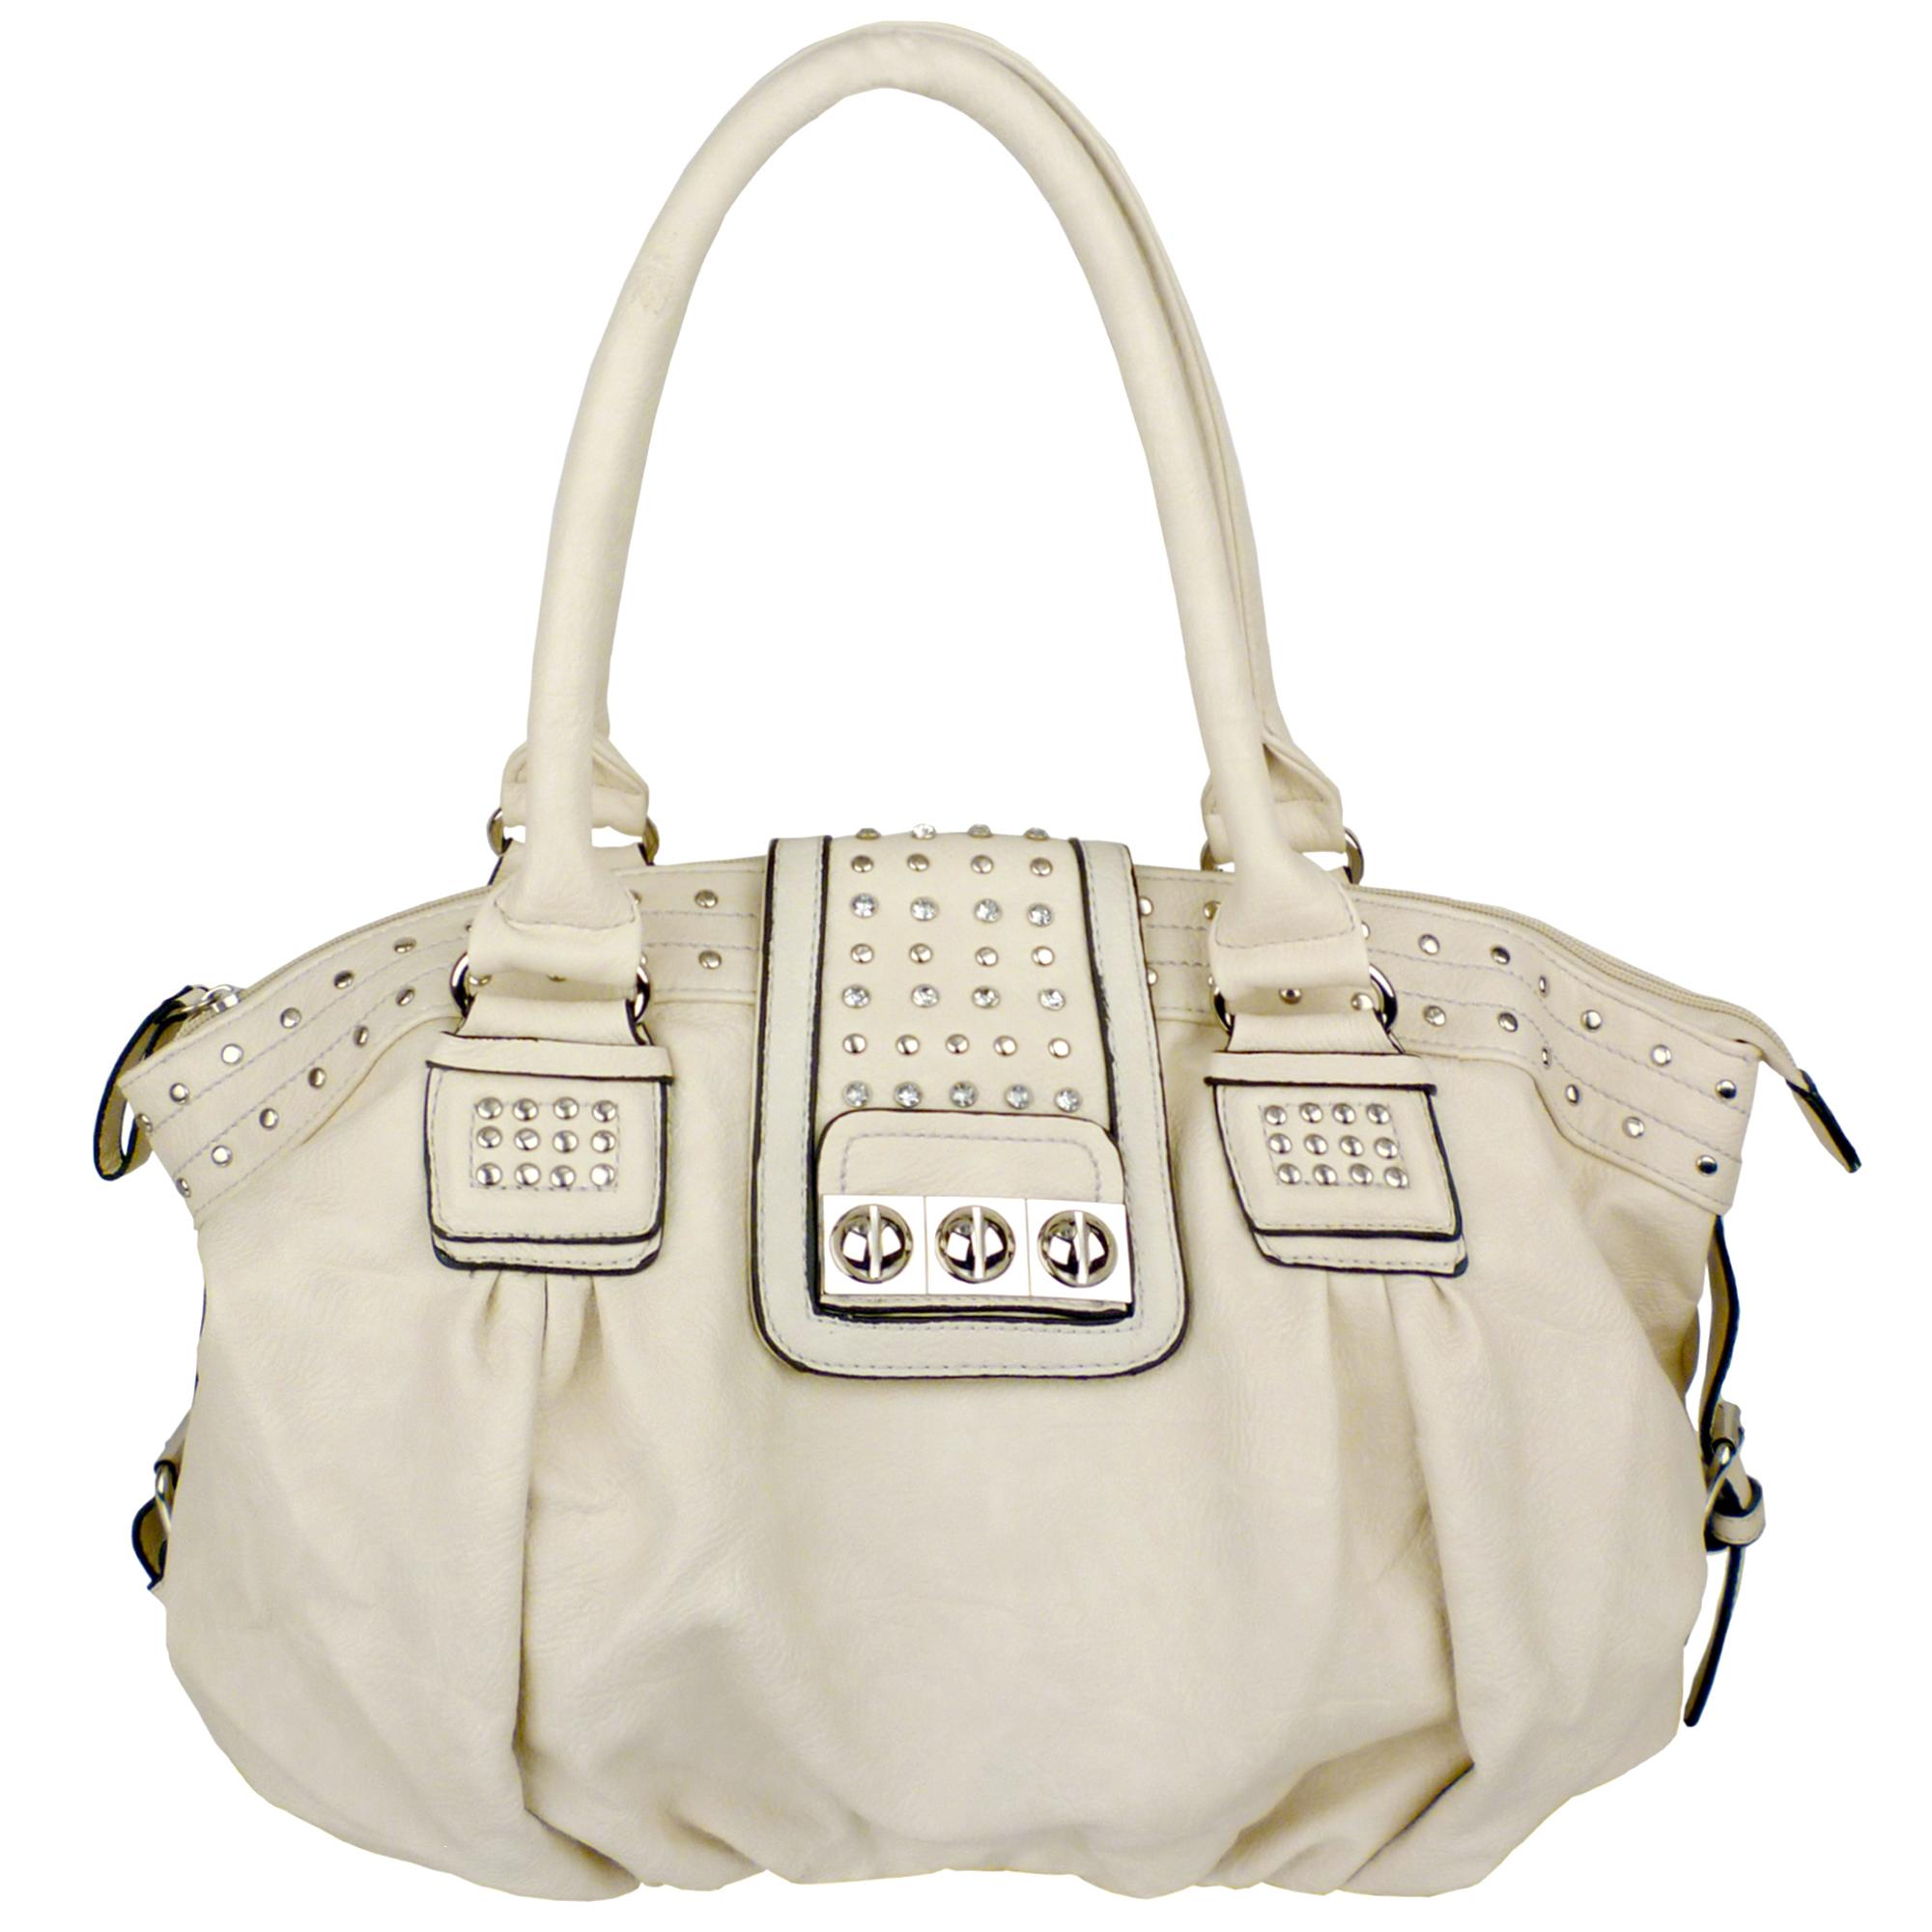 BRENNA Beige Studded Soft Shopper Style Hobo Handbag Main